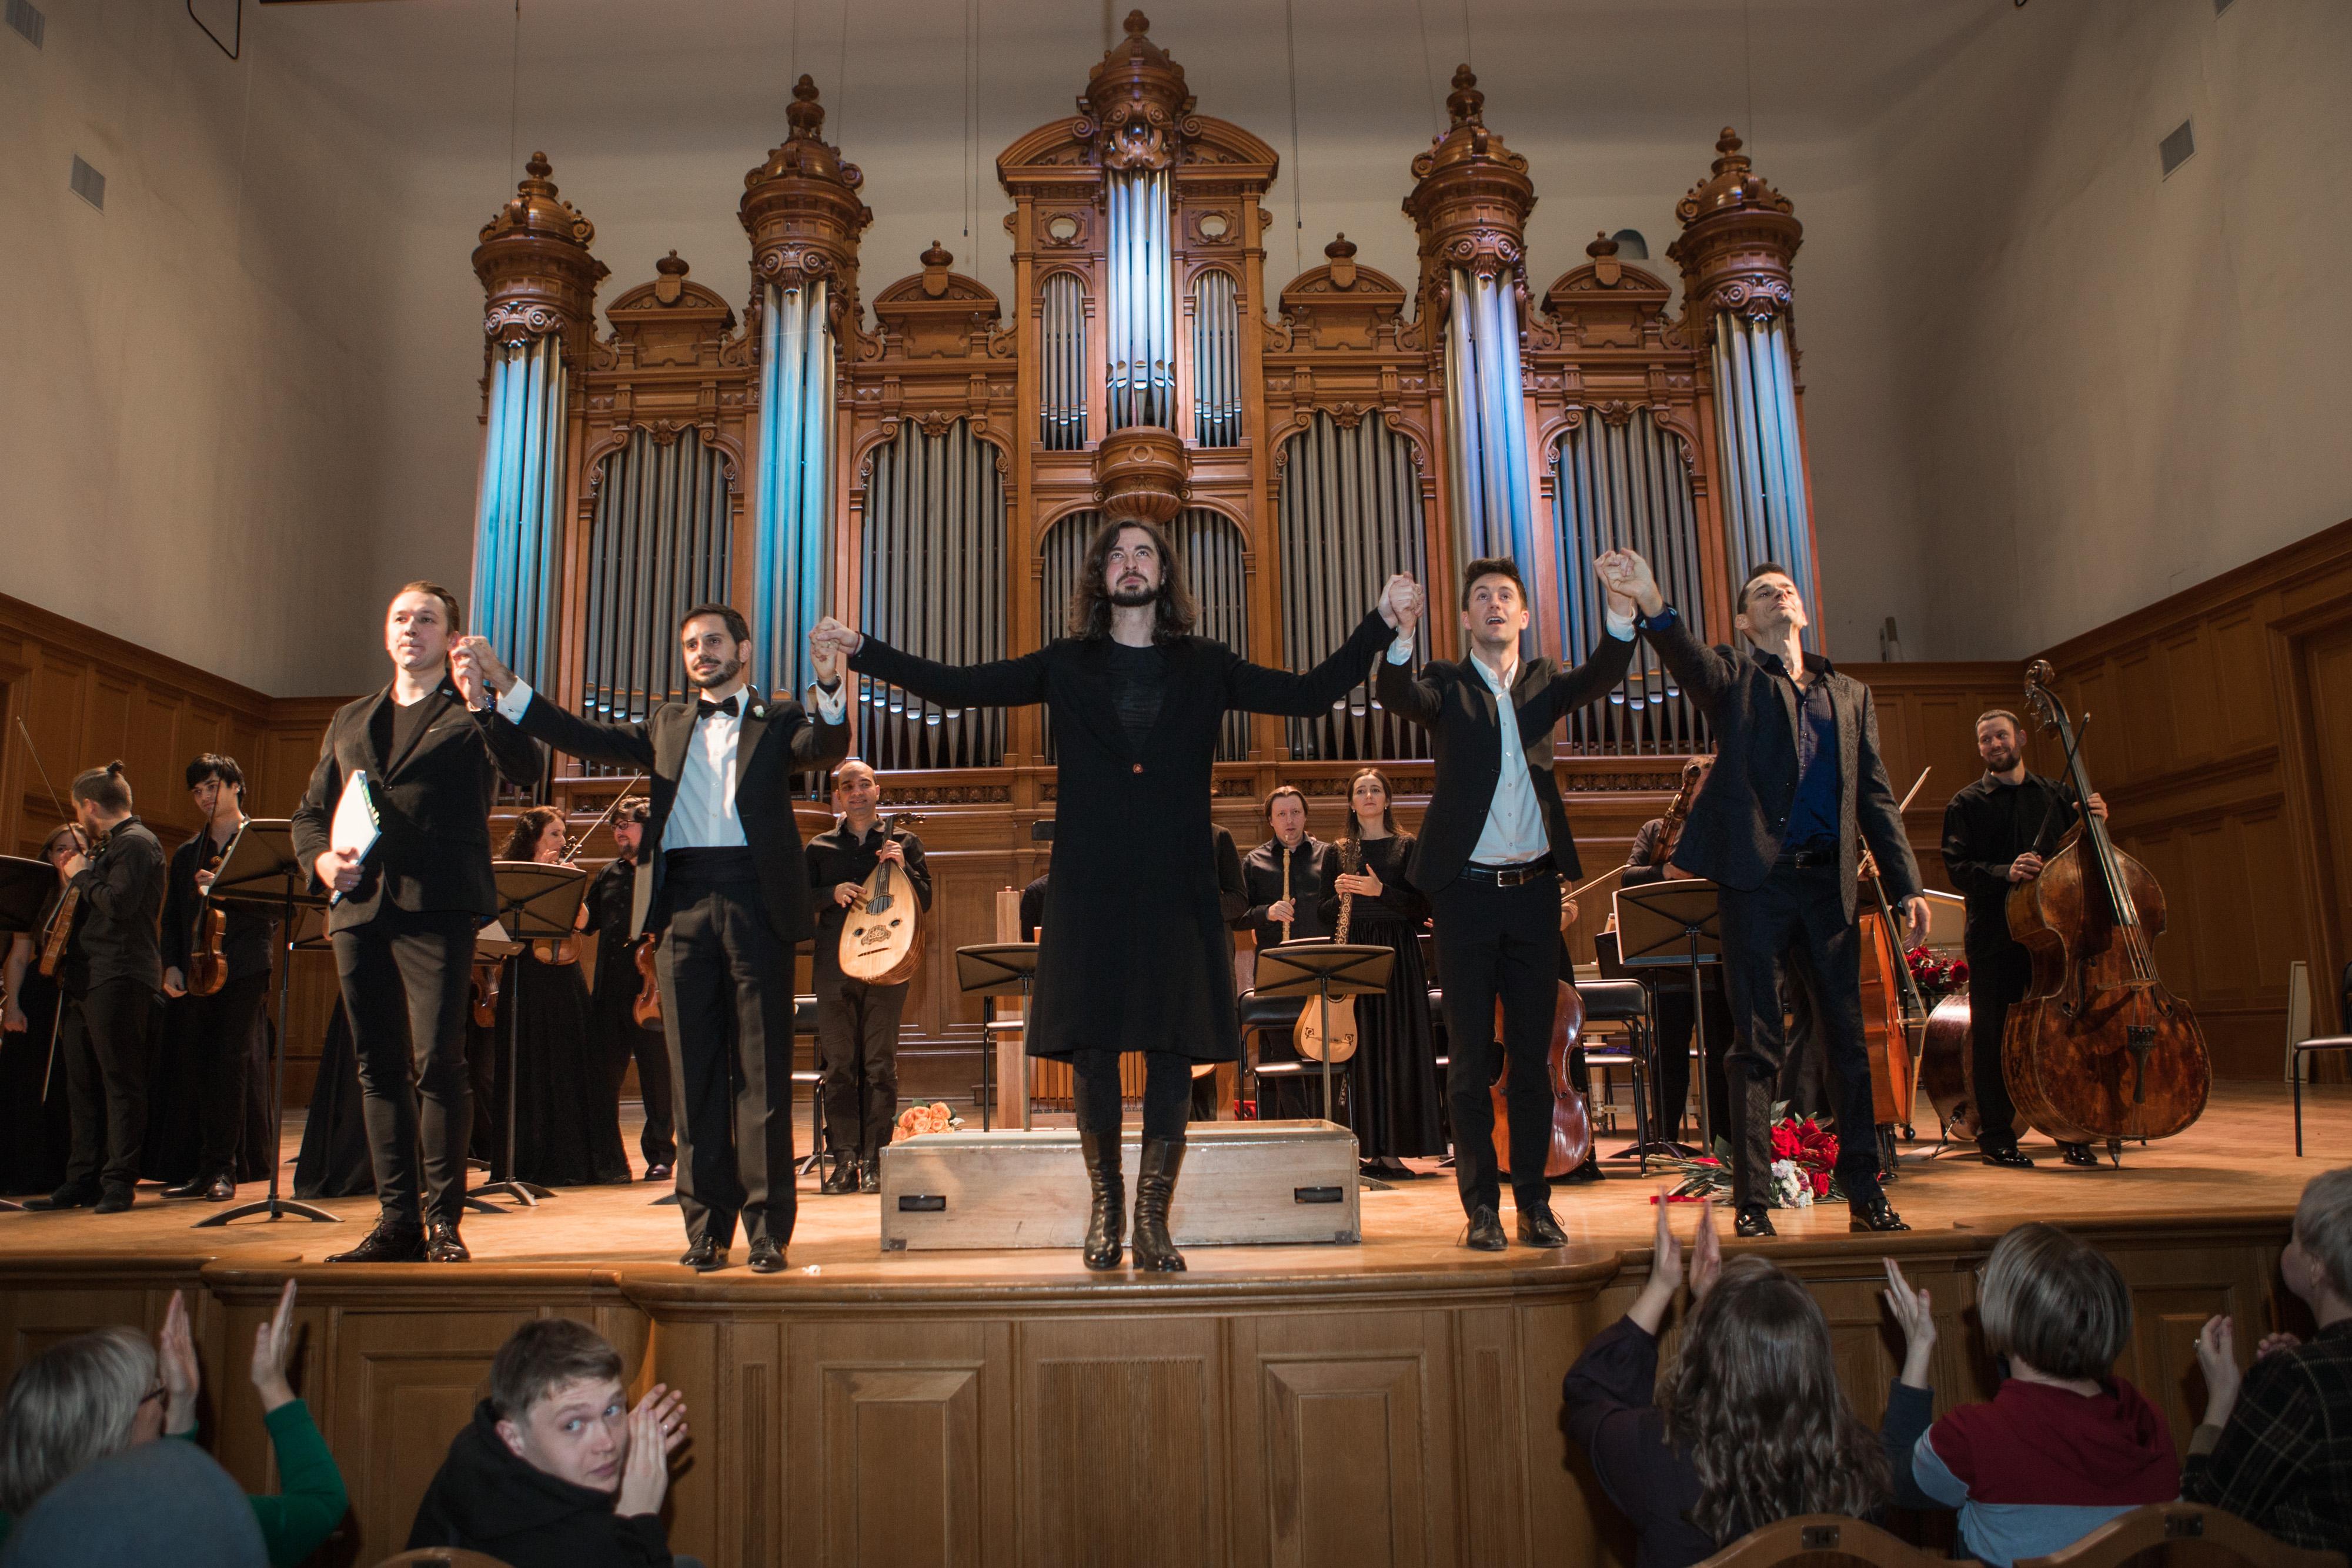 25 ноября прозвучала концертная версия постановки «Триумф Времени и Бесчувствия» в Большом зале Московской консерватории.